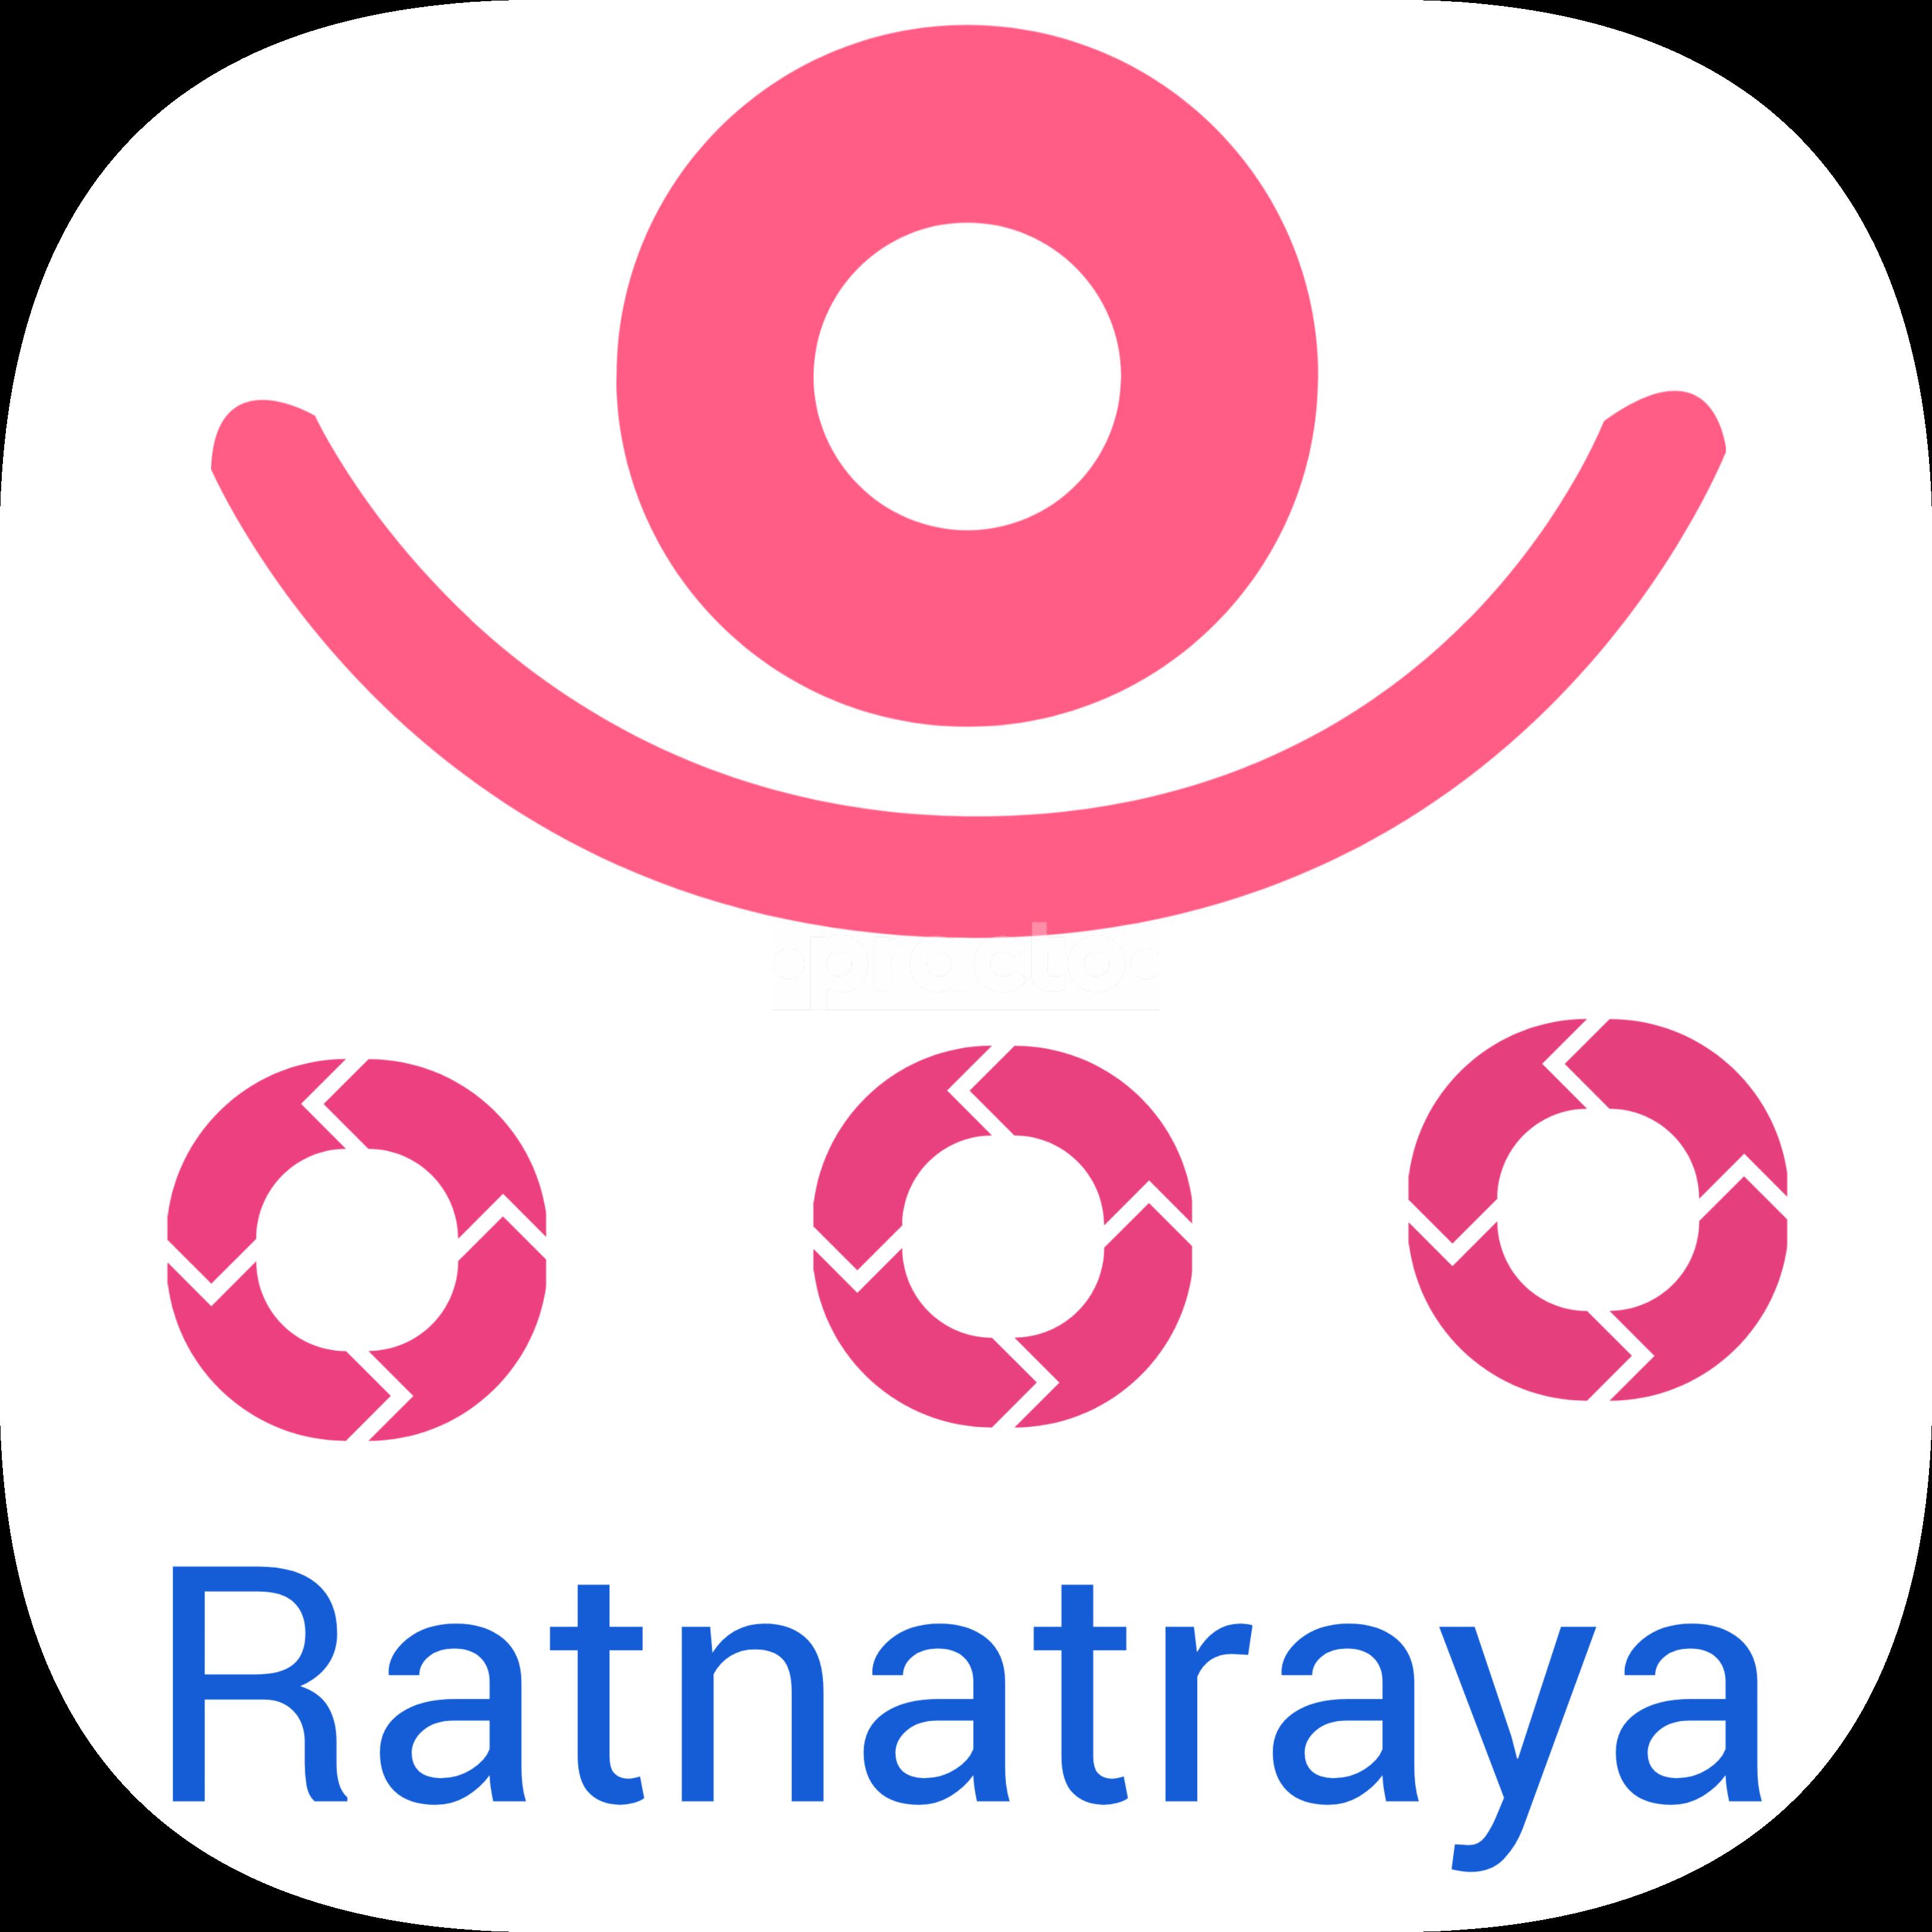 Ratnatraya Polyclinic